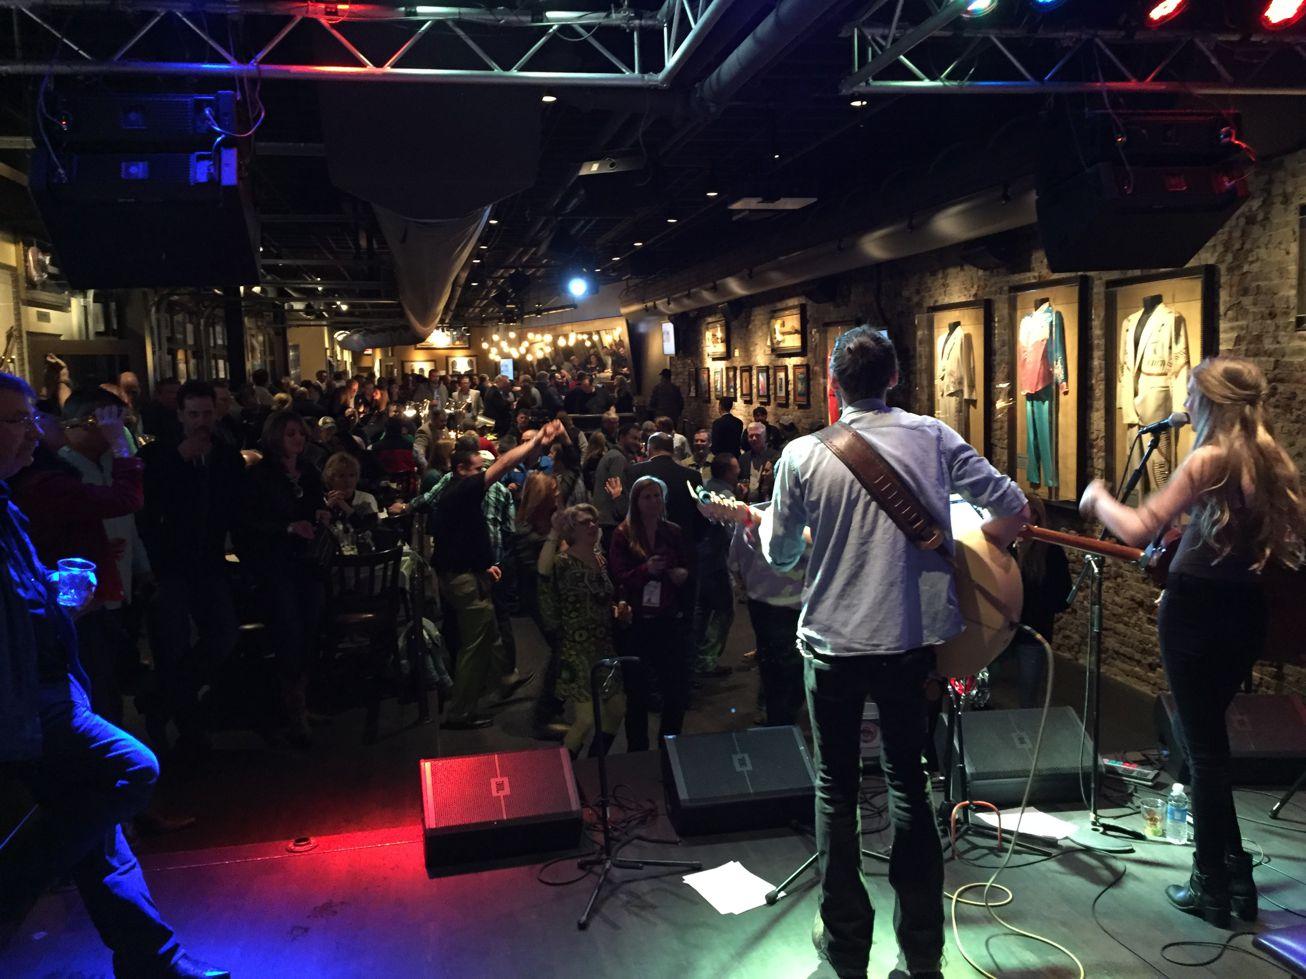 Nashville_hard_rock_upstairs_packed.jpg